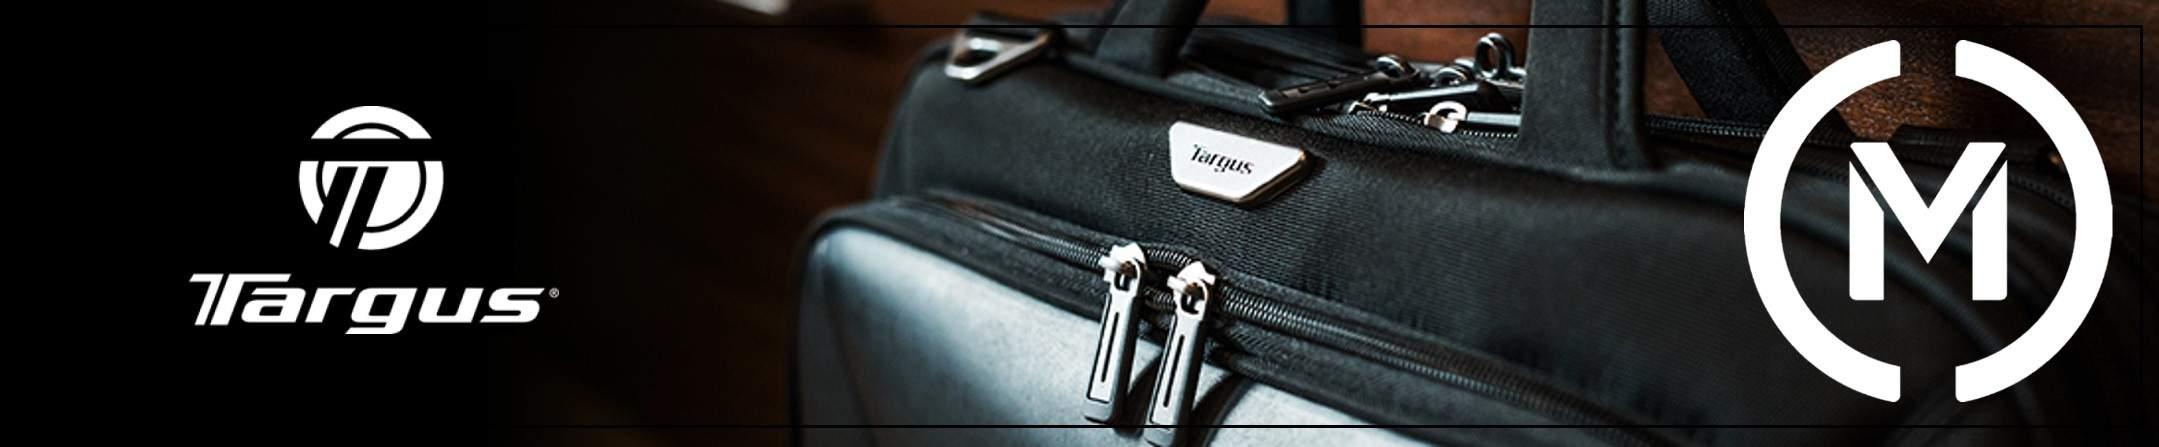 Targus Laptop Bags & Back Packs